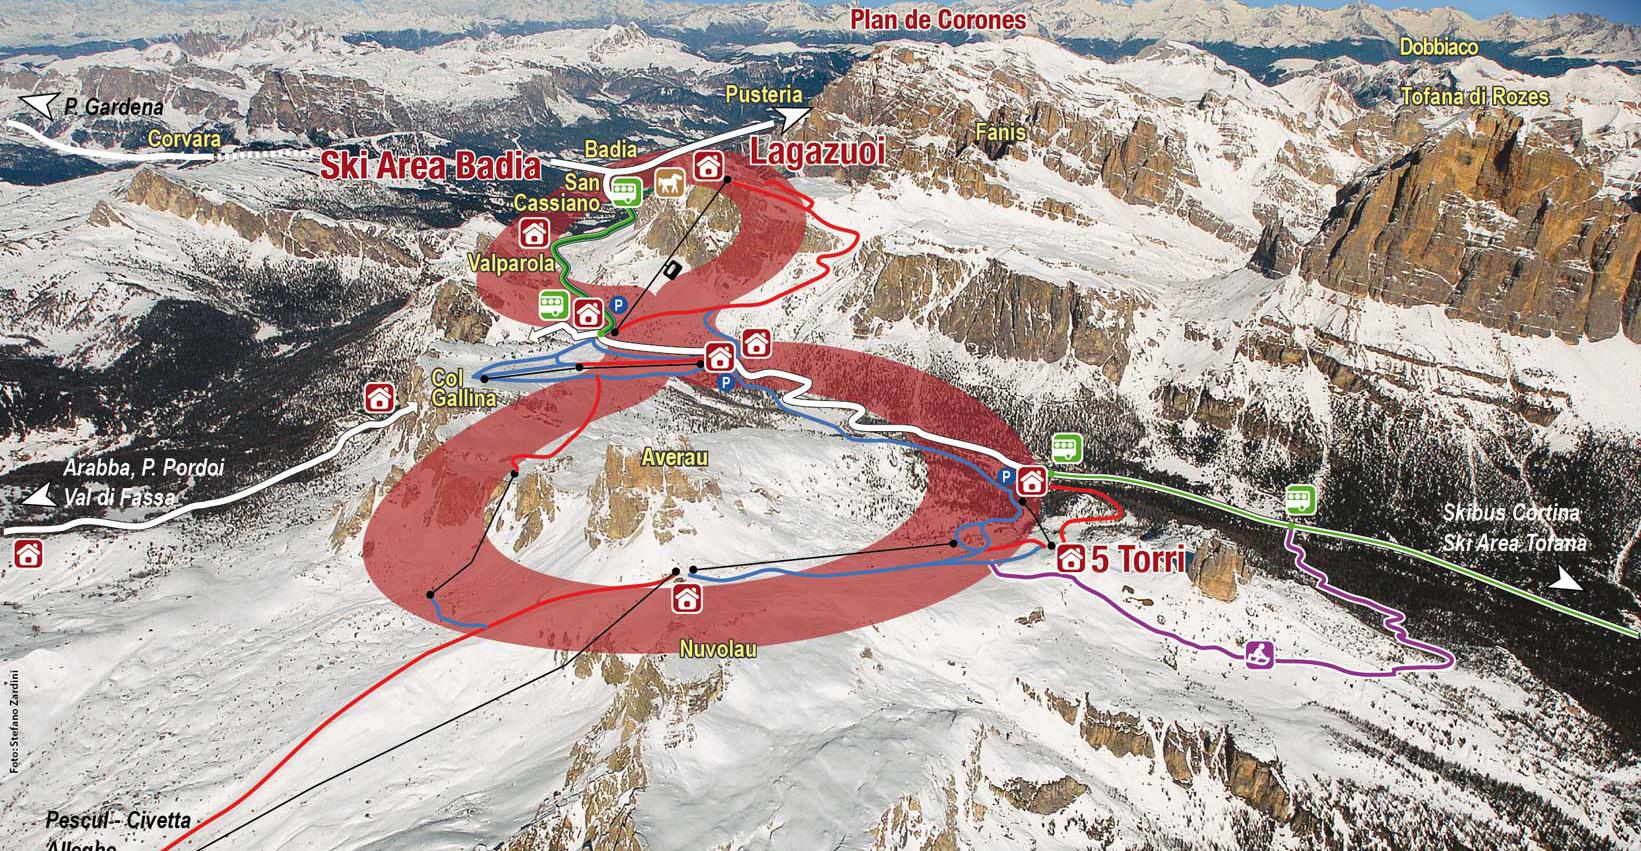 boarderline_cortina_d_ampezzo_dolomiti_tour_sci_snowbvoard_superotto_mappa